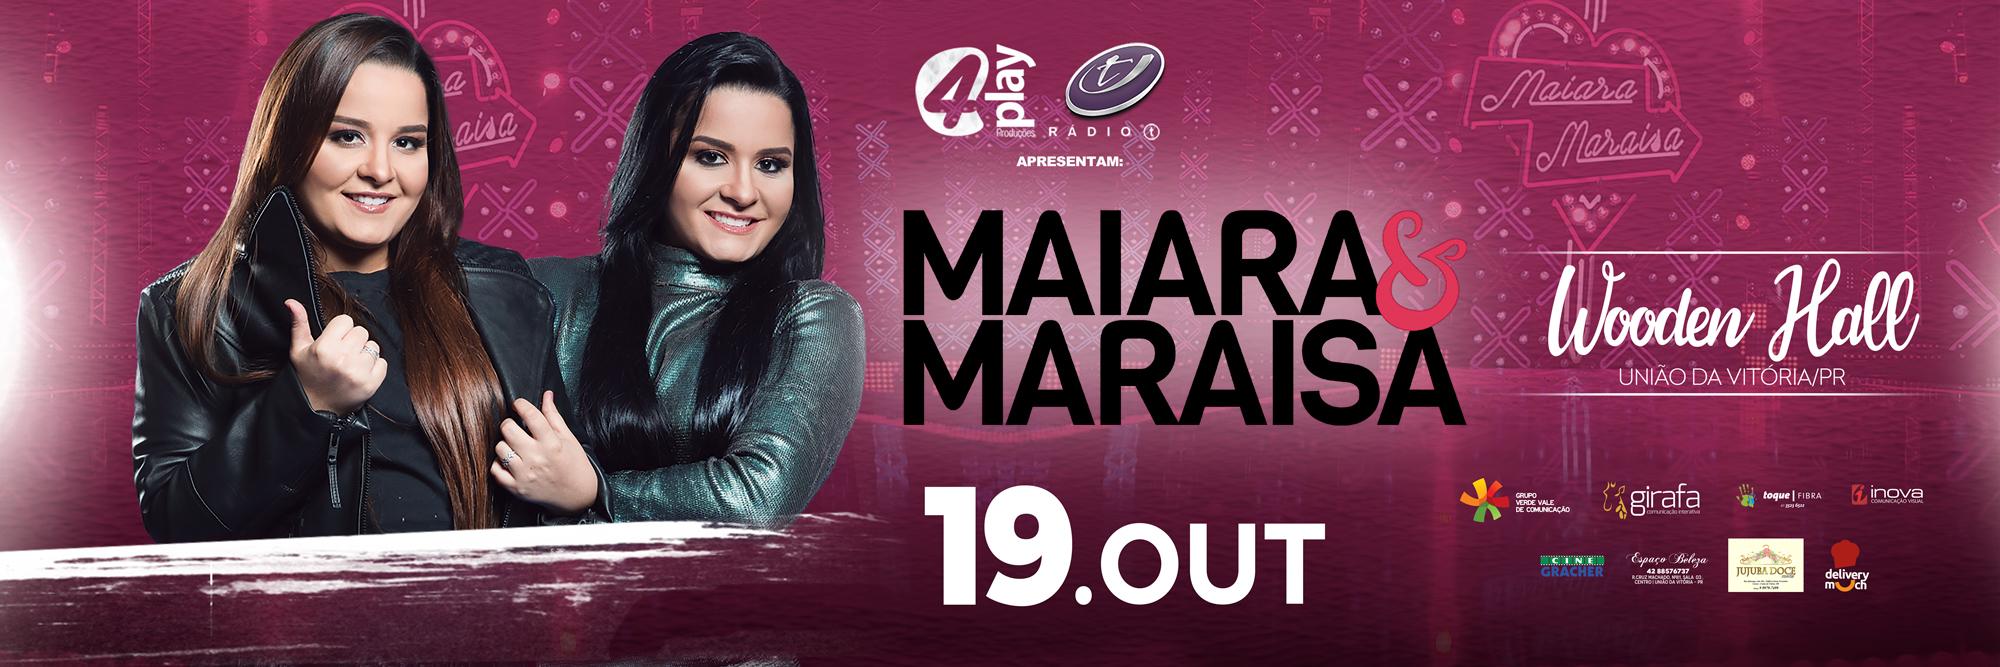 Show com Maiara e Maraísa